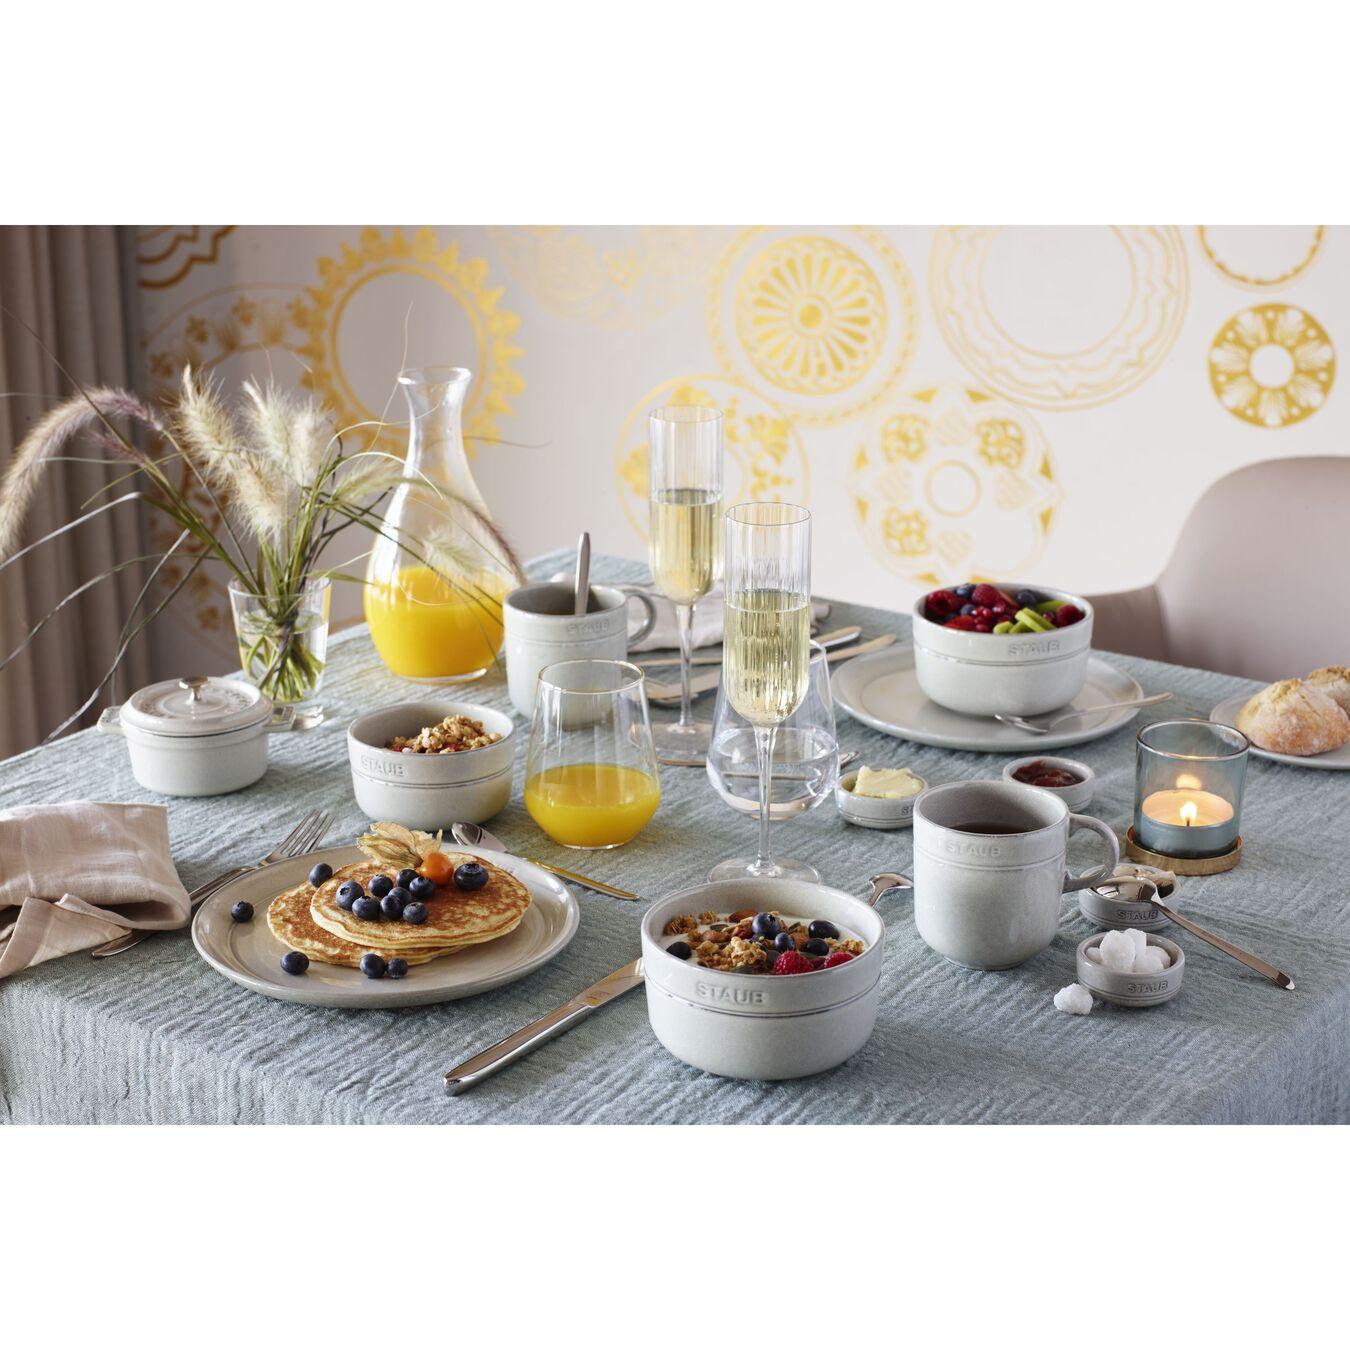 Set de service, 48-pcs | White Truffle | Ceramic | Ceramic,,large 10